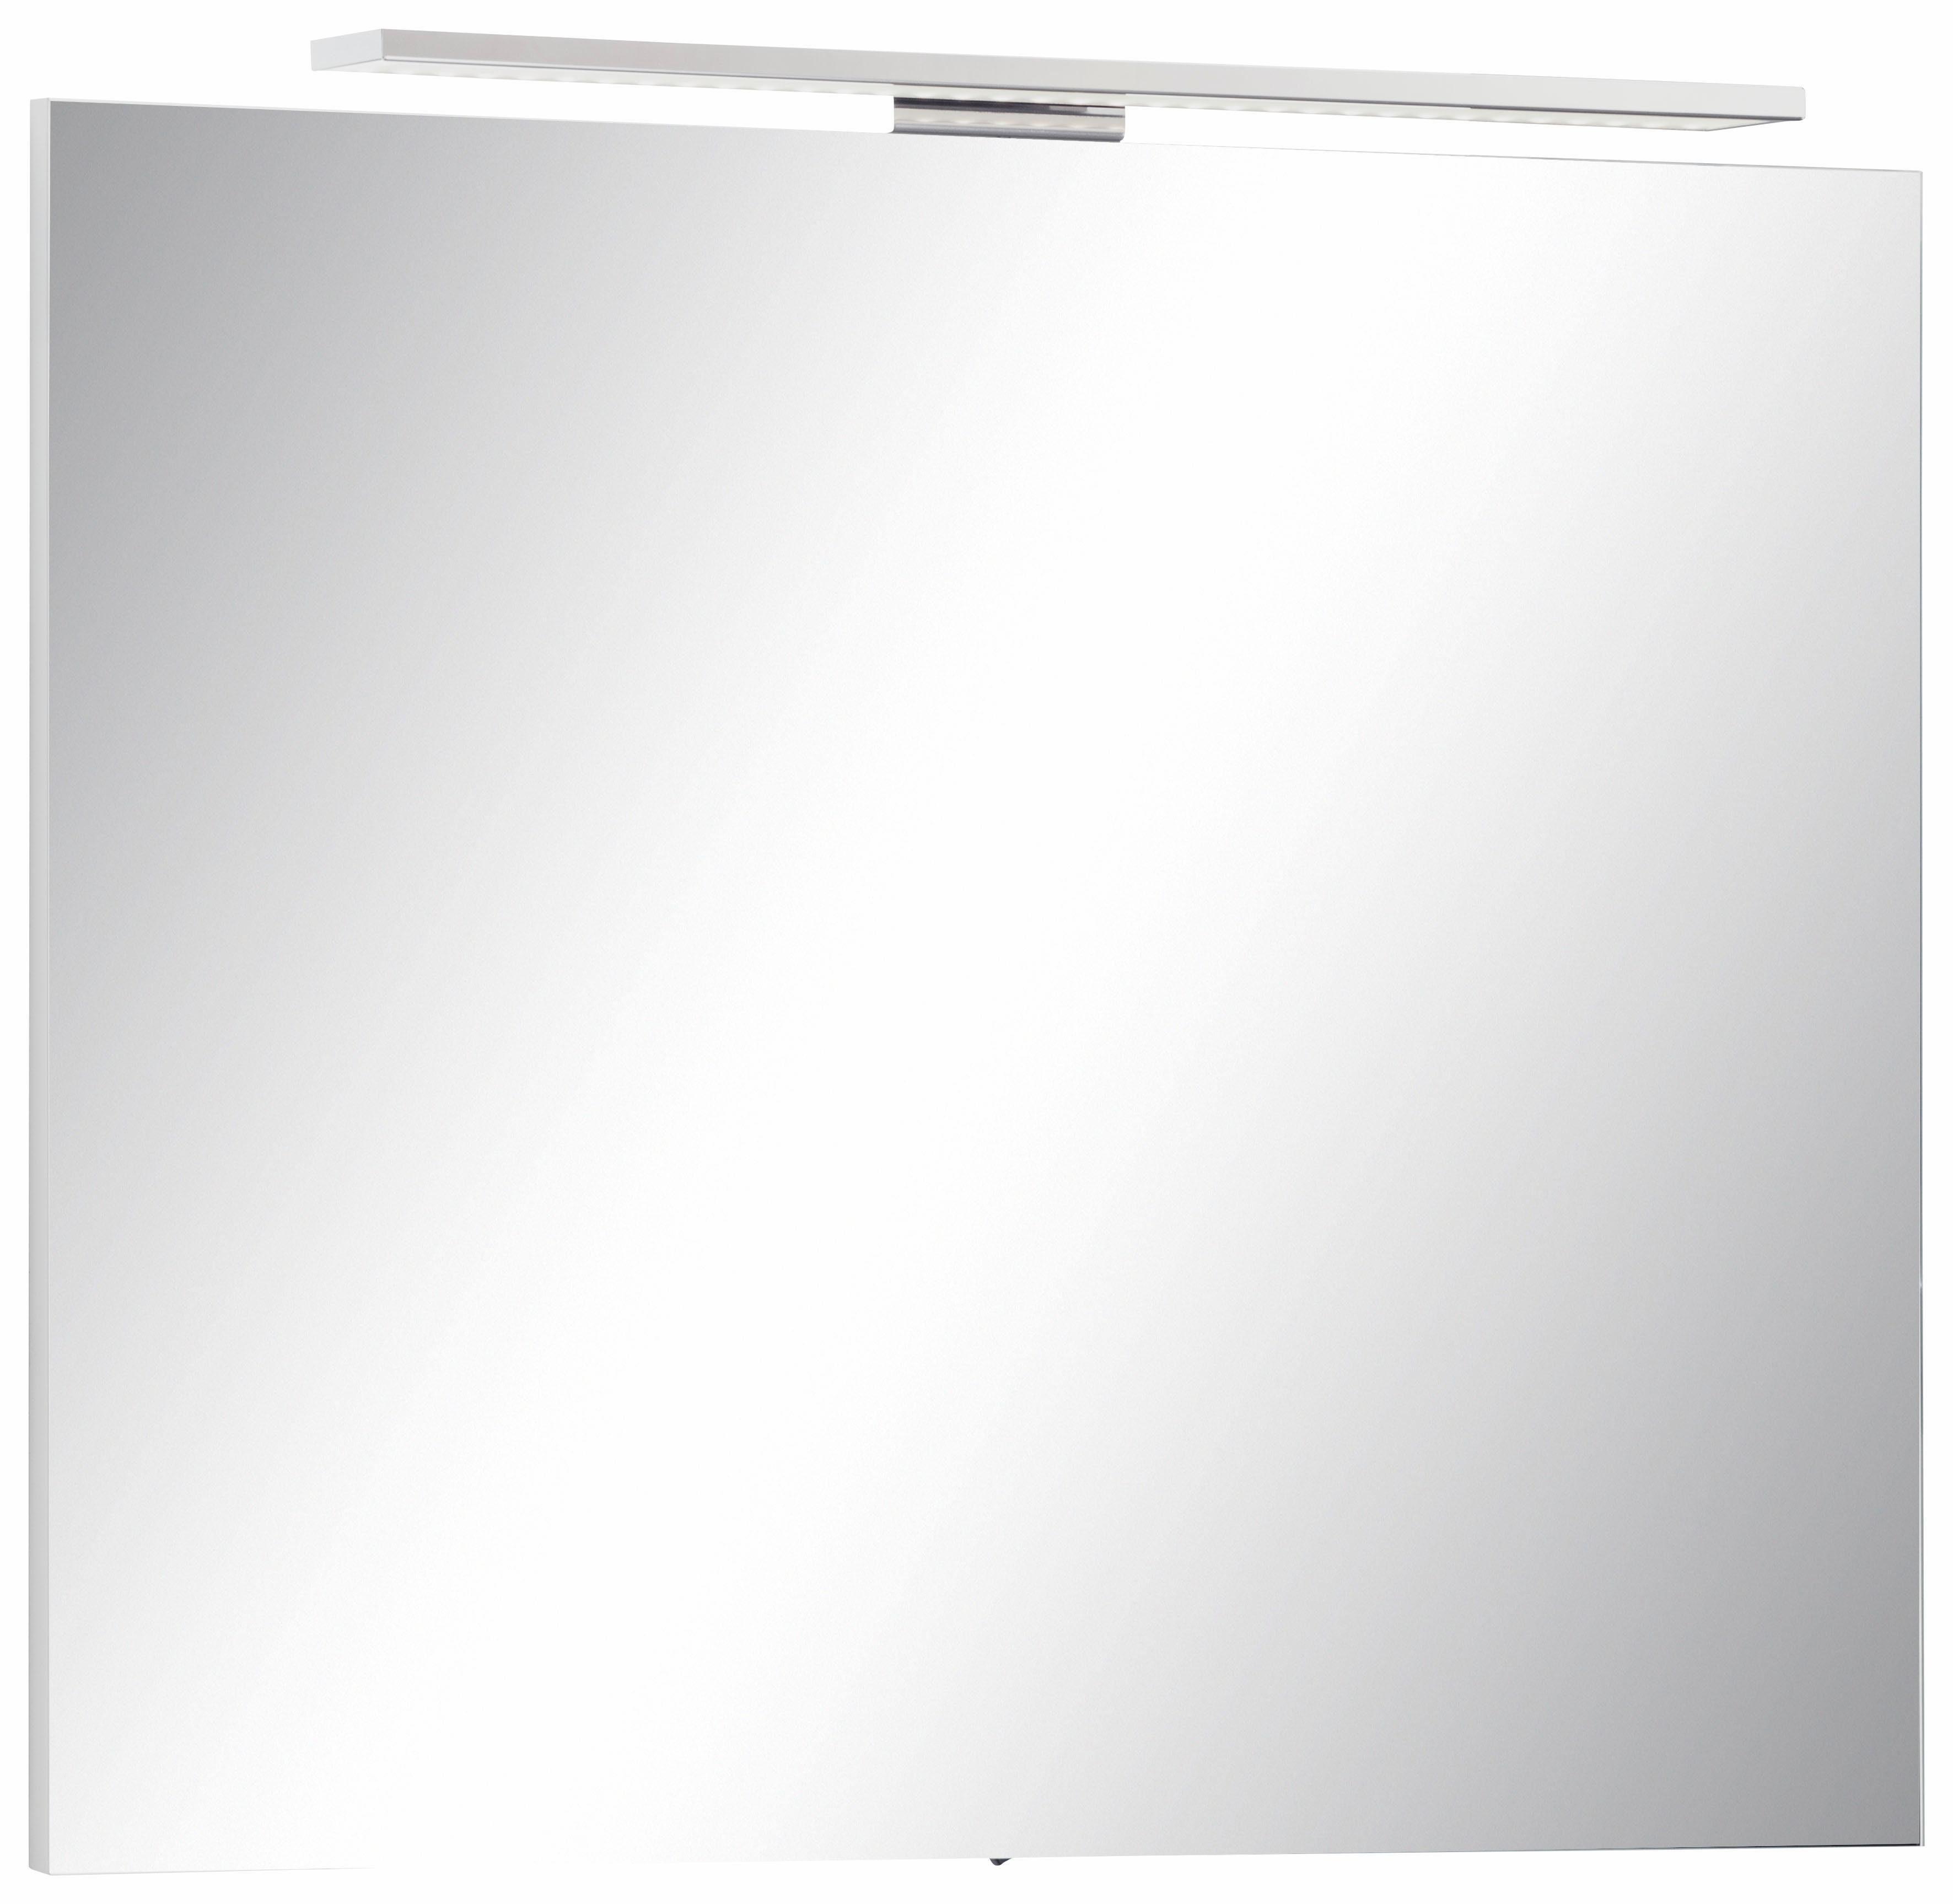 MARLIN Spiegel »Sola 3130« mit LED-Beleuchtung, Breite 80 cm